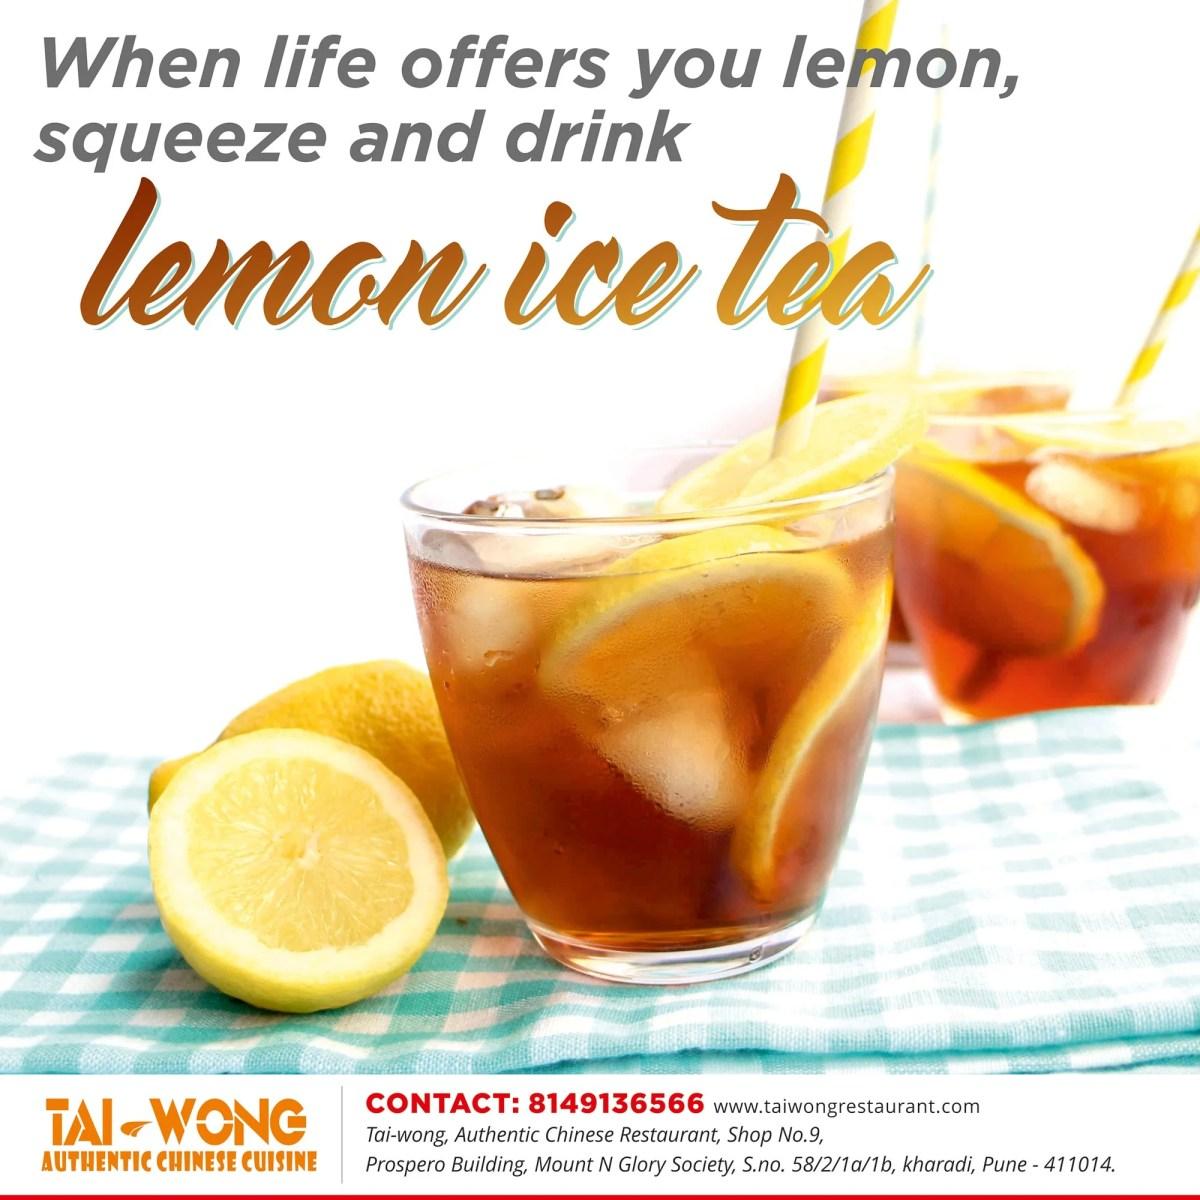 Social Media Creatives Samples For Taiwong 1